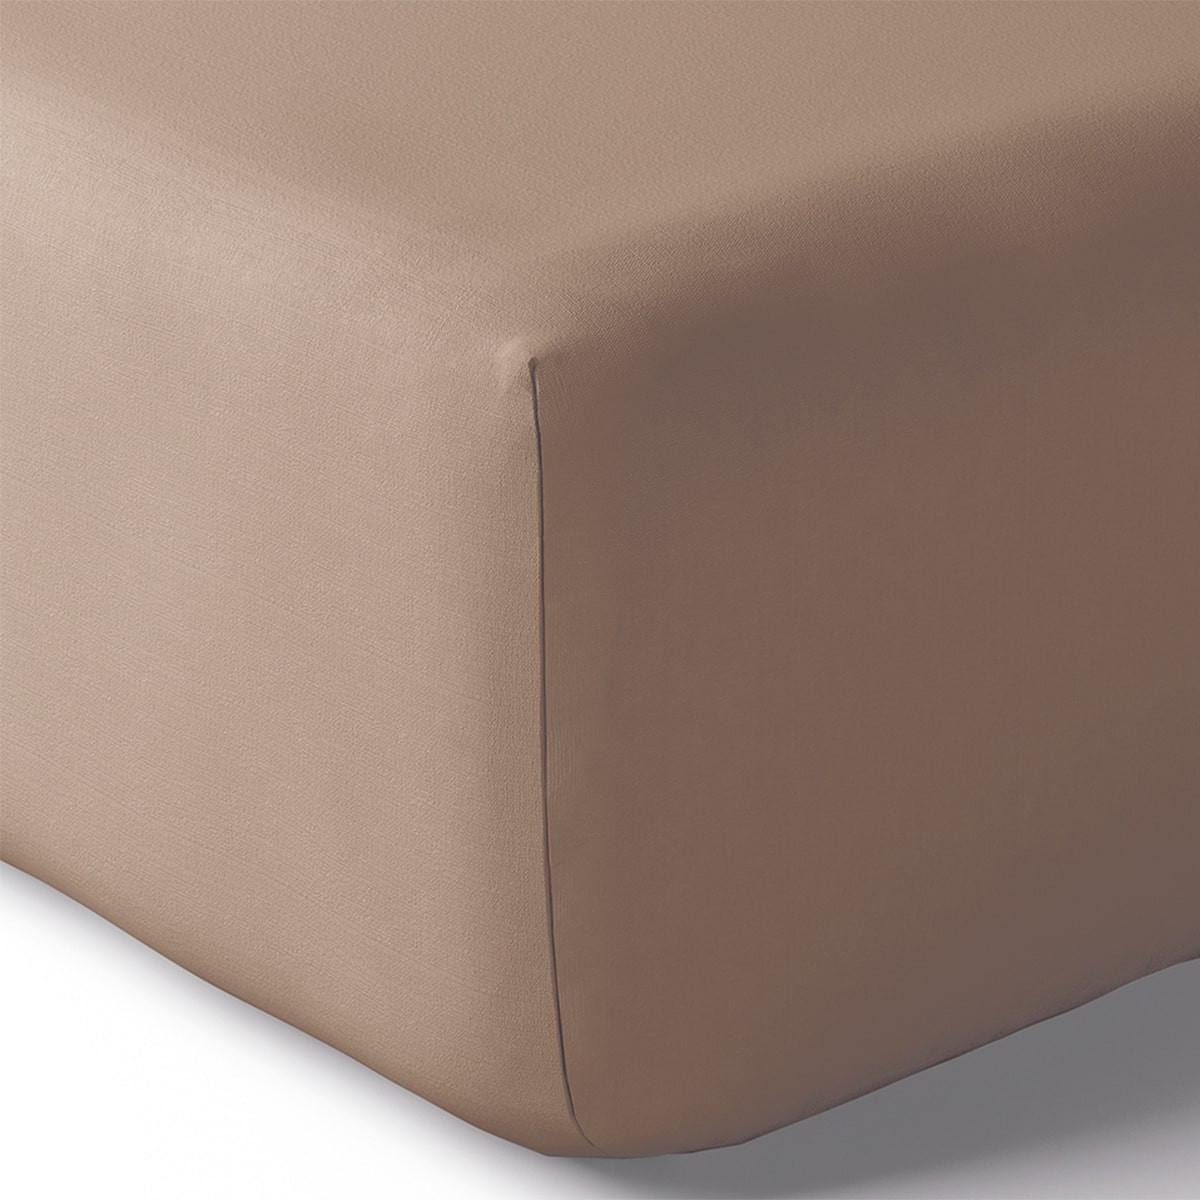 Drap housse coton 160x200 cm vison